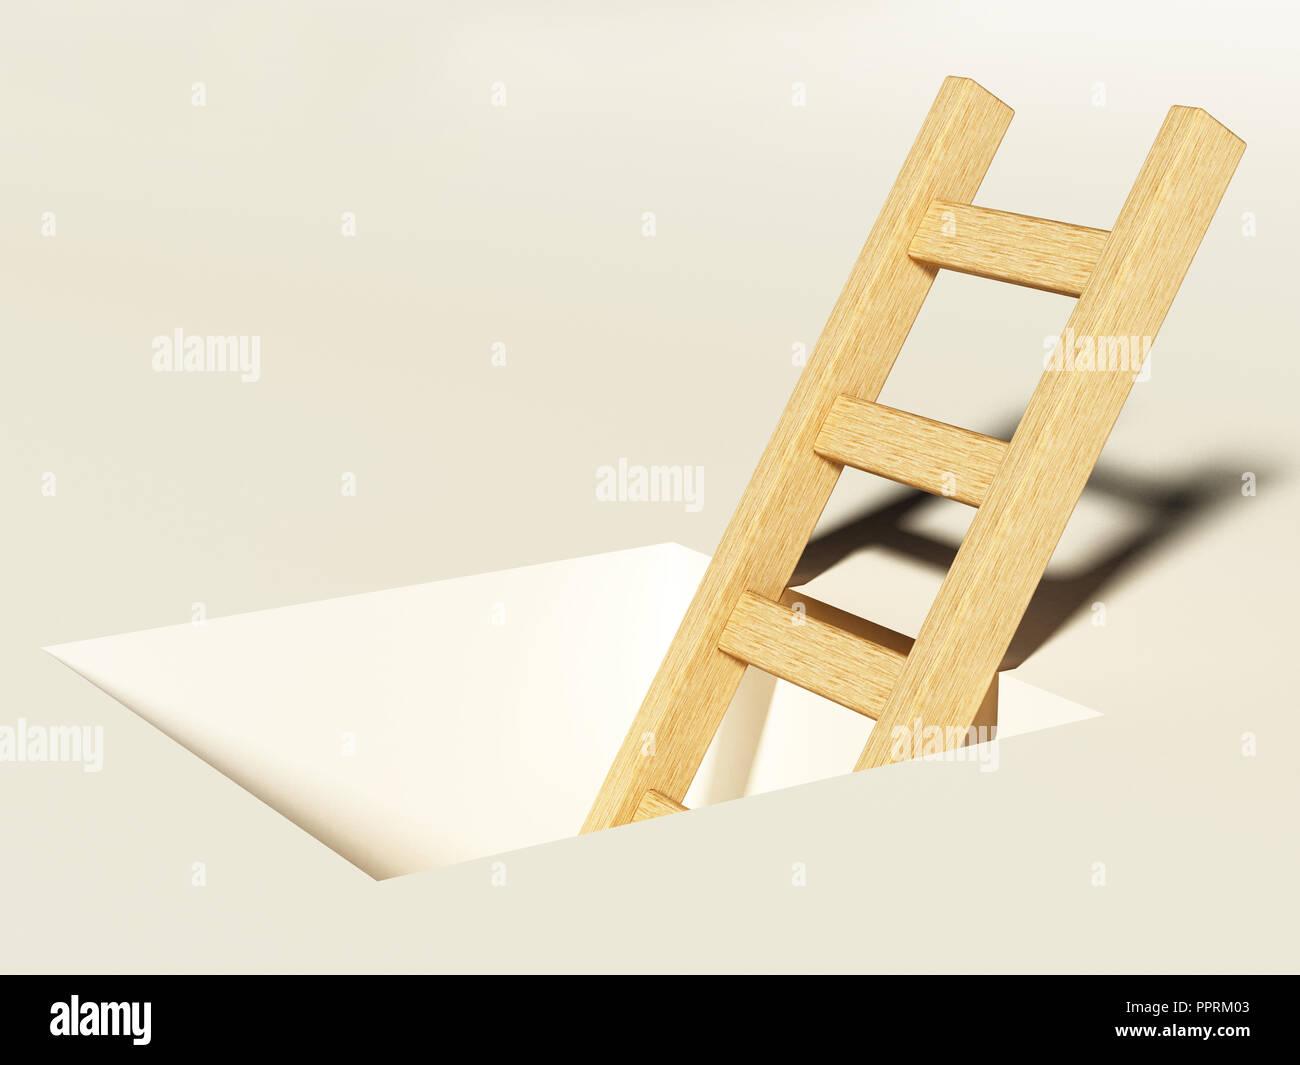 Échelle en bois s'élevant au-dessus de l'orifice carré sur le terrain. Photo Stock